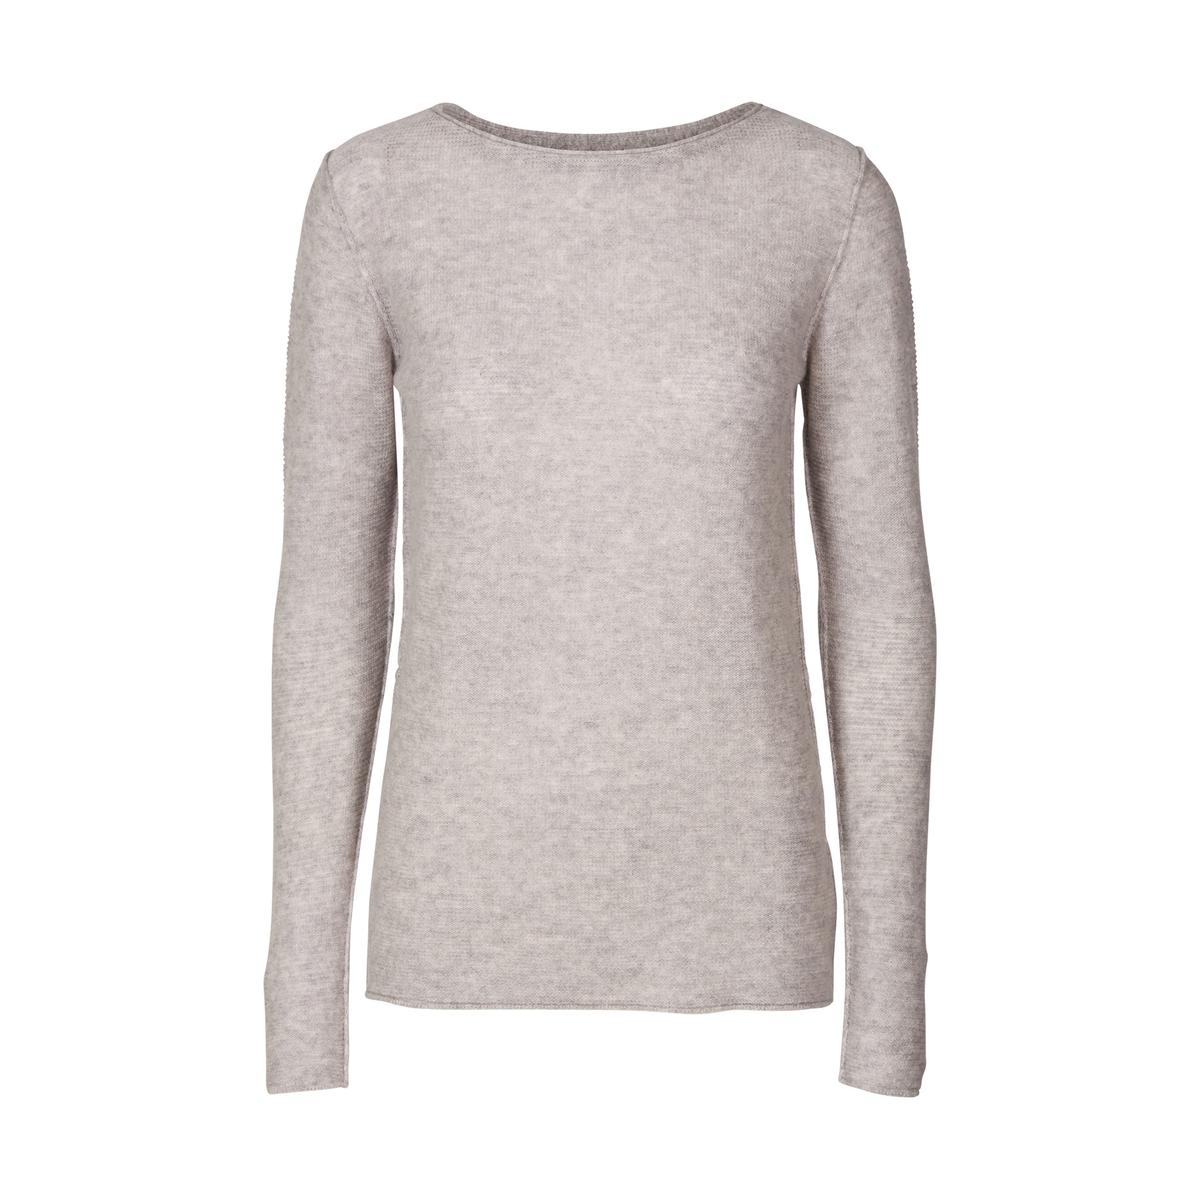 Пуловер из тонкого трикотажа из шерсти и кашемираОписание:Детали •  Длинные рукава •  Круглый вырез •  Тонкий трикотаж Состав и уход •  90% шерсти, 10% кашемира •  Следуйте советам по уходу, указанным на этикетке<br><br>Цвет: серый меланж<br>Размер: S.XS.L